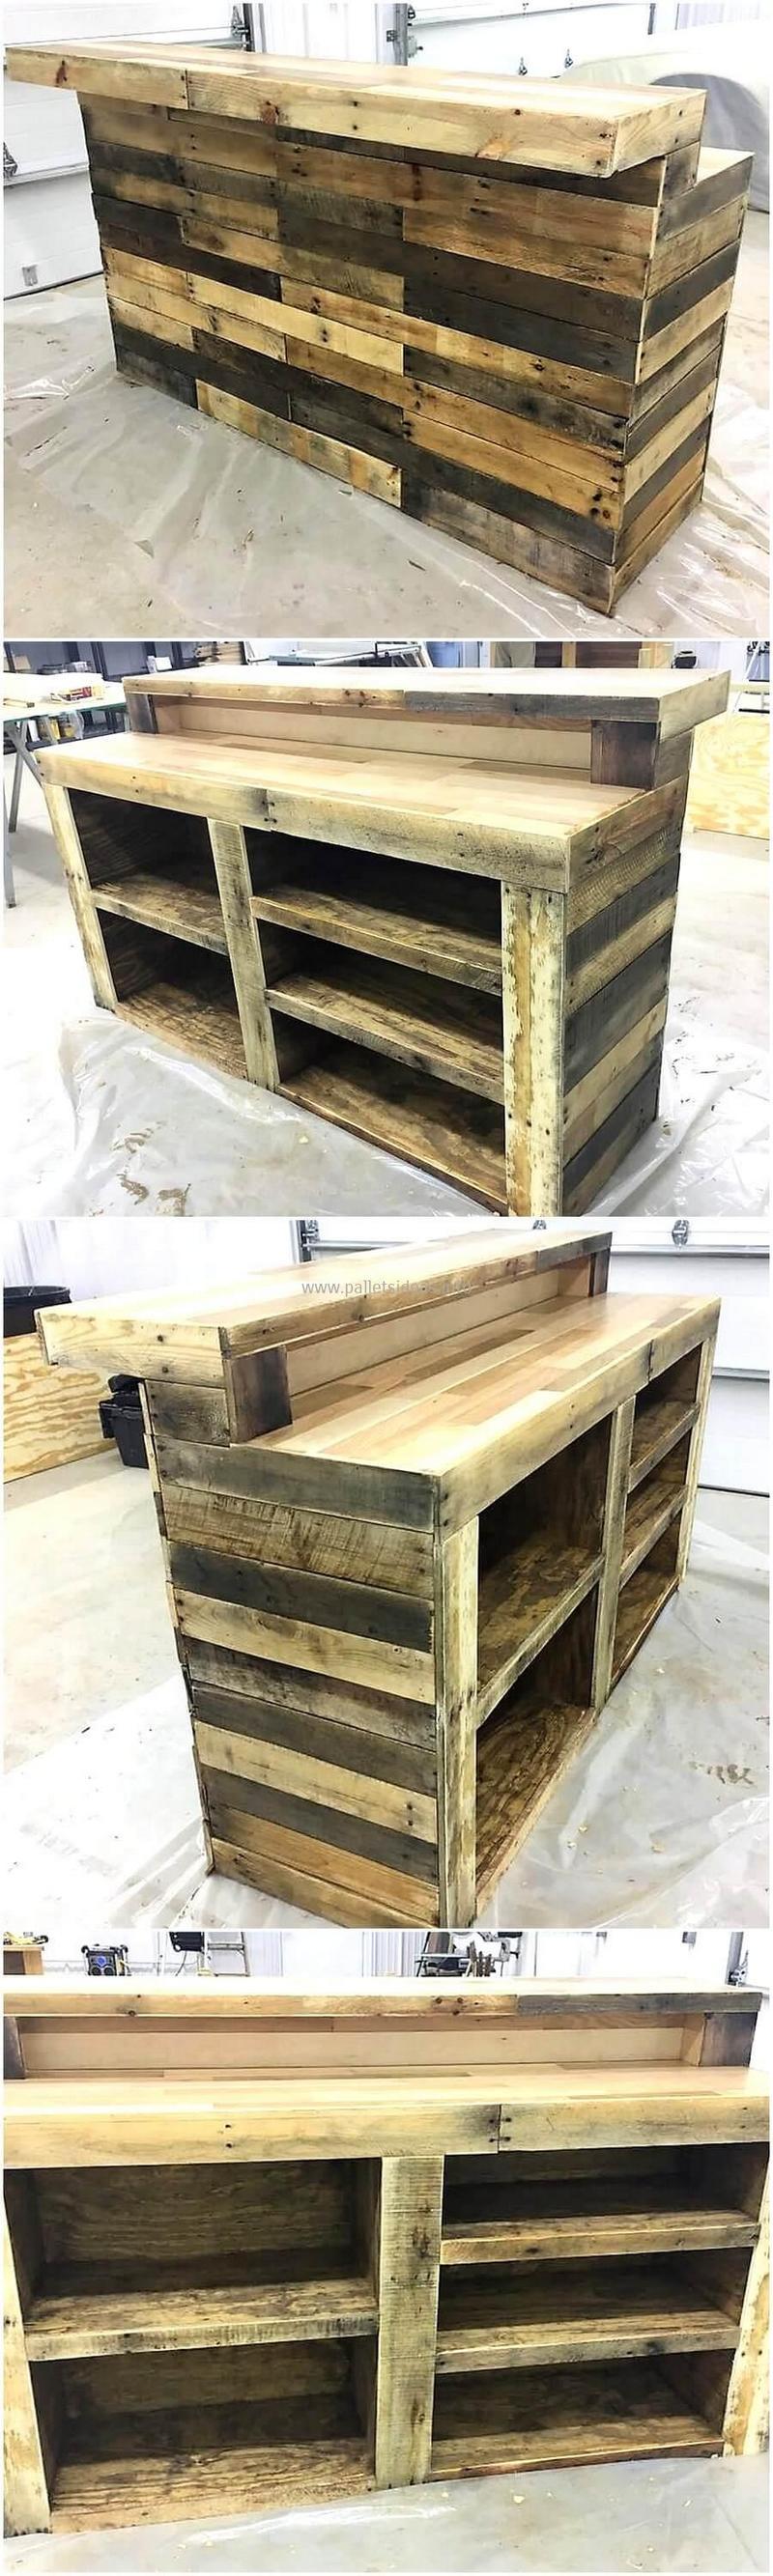 wood pallet bar plan 65